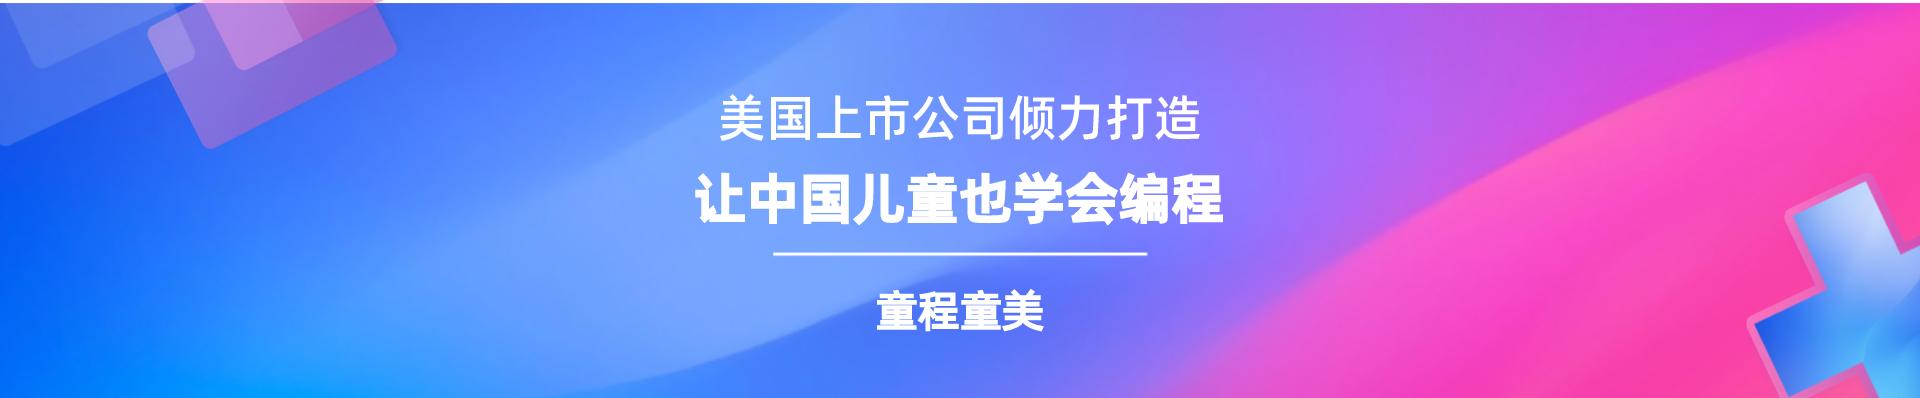 深圳南山童程童美少儿编程培训